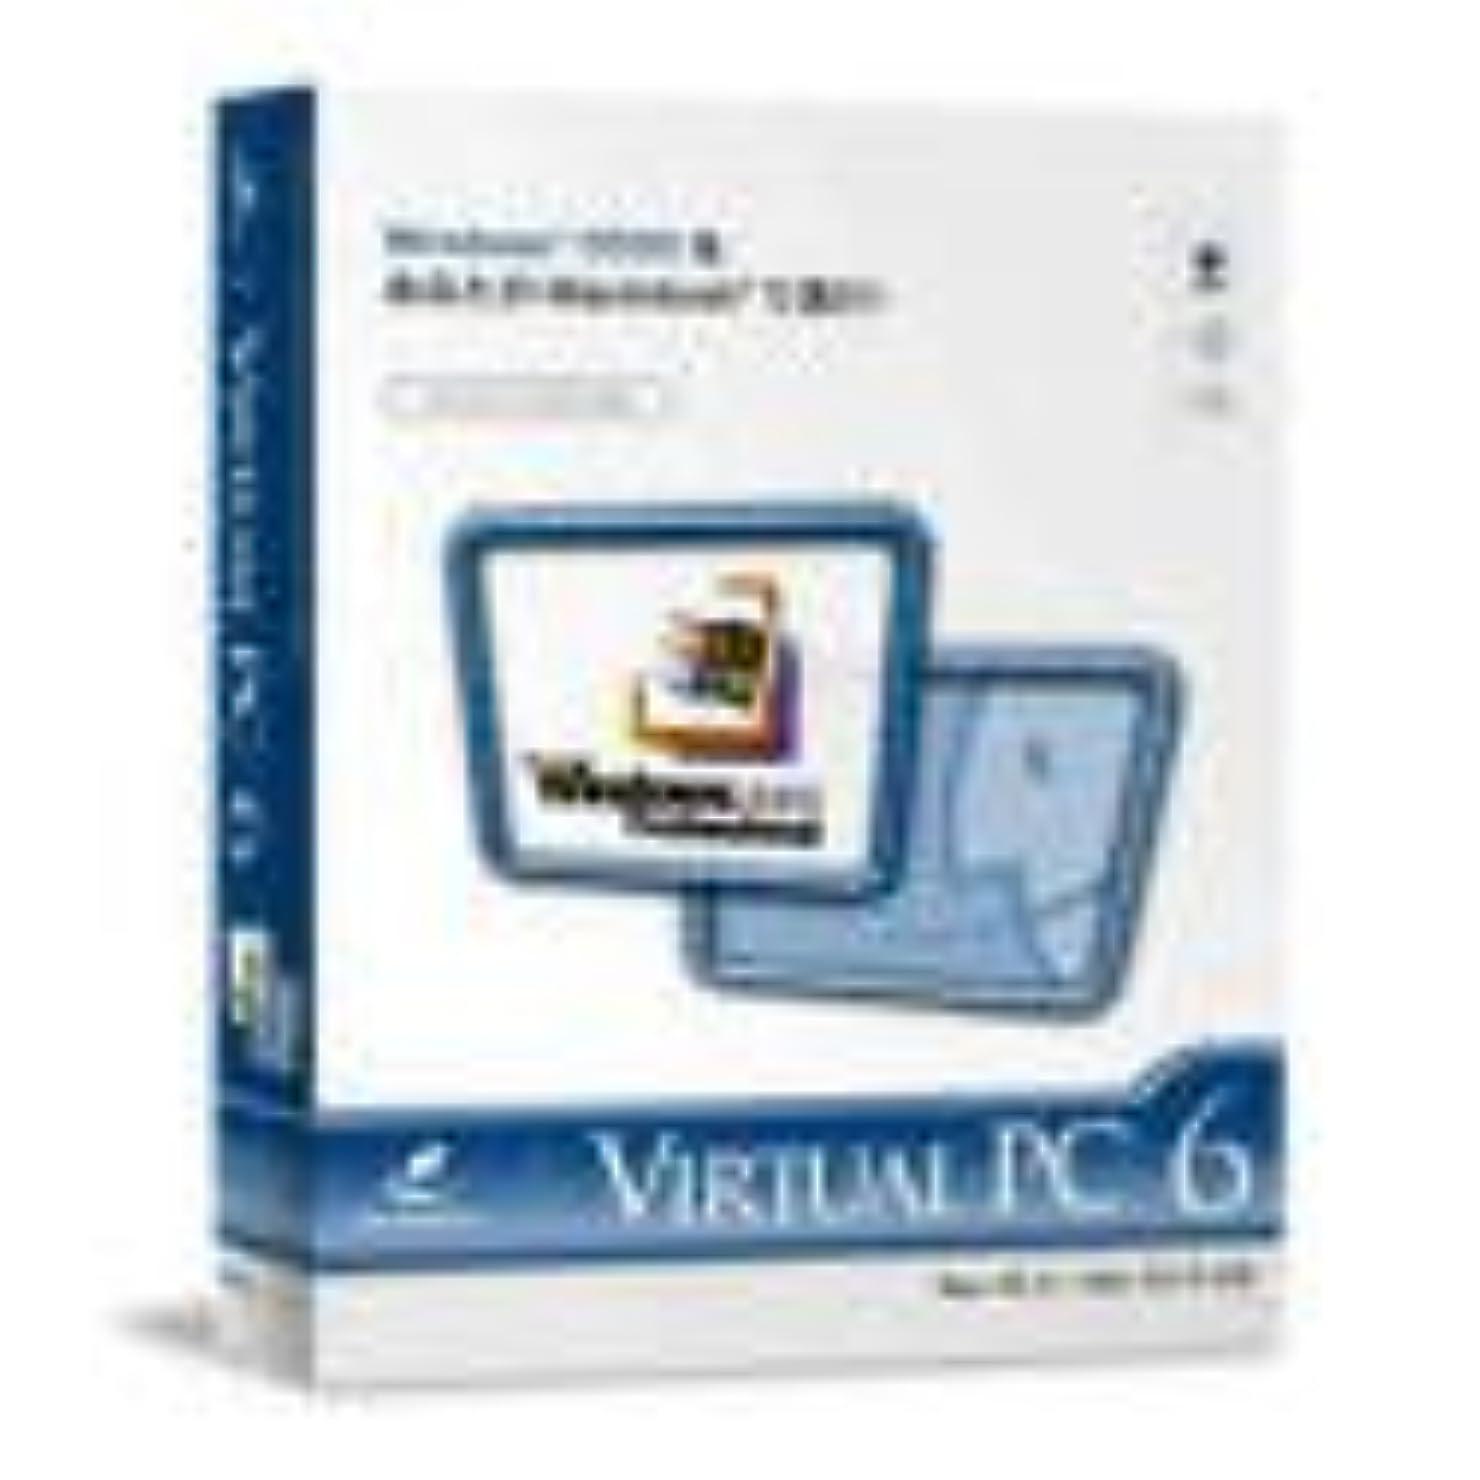 魅力的であることへのアピールパック孤独Virtual PC 6 for Mac 日本語版 with Windows 2000